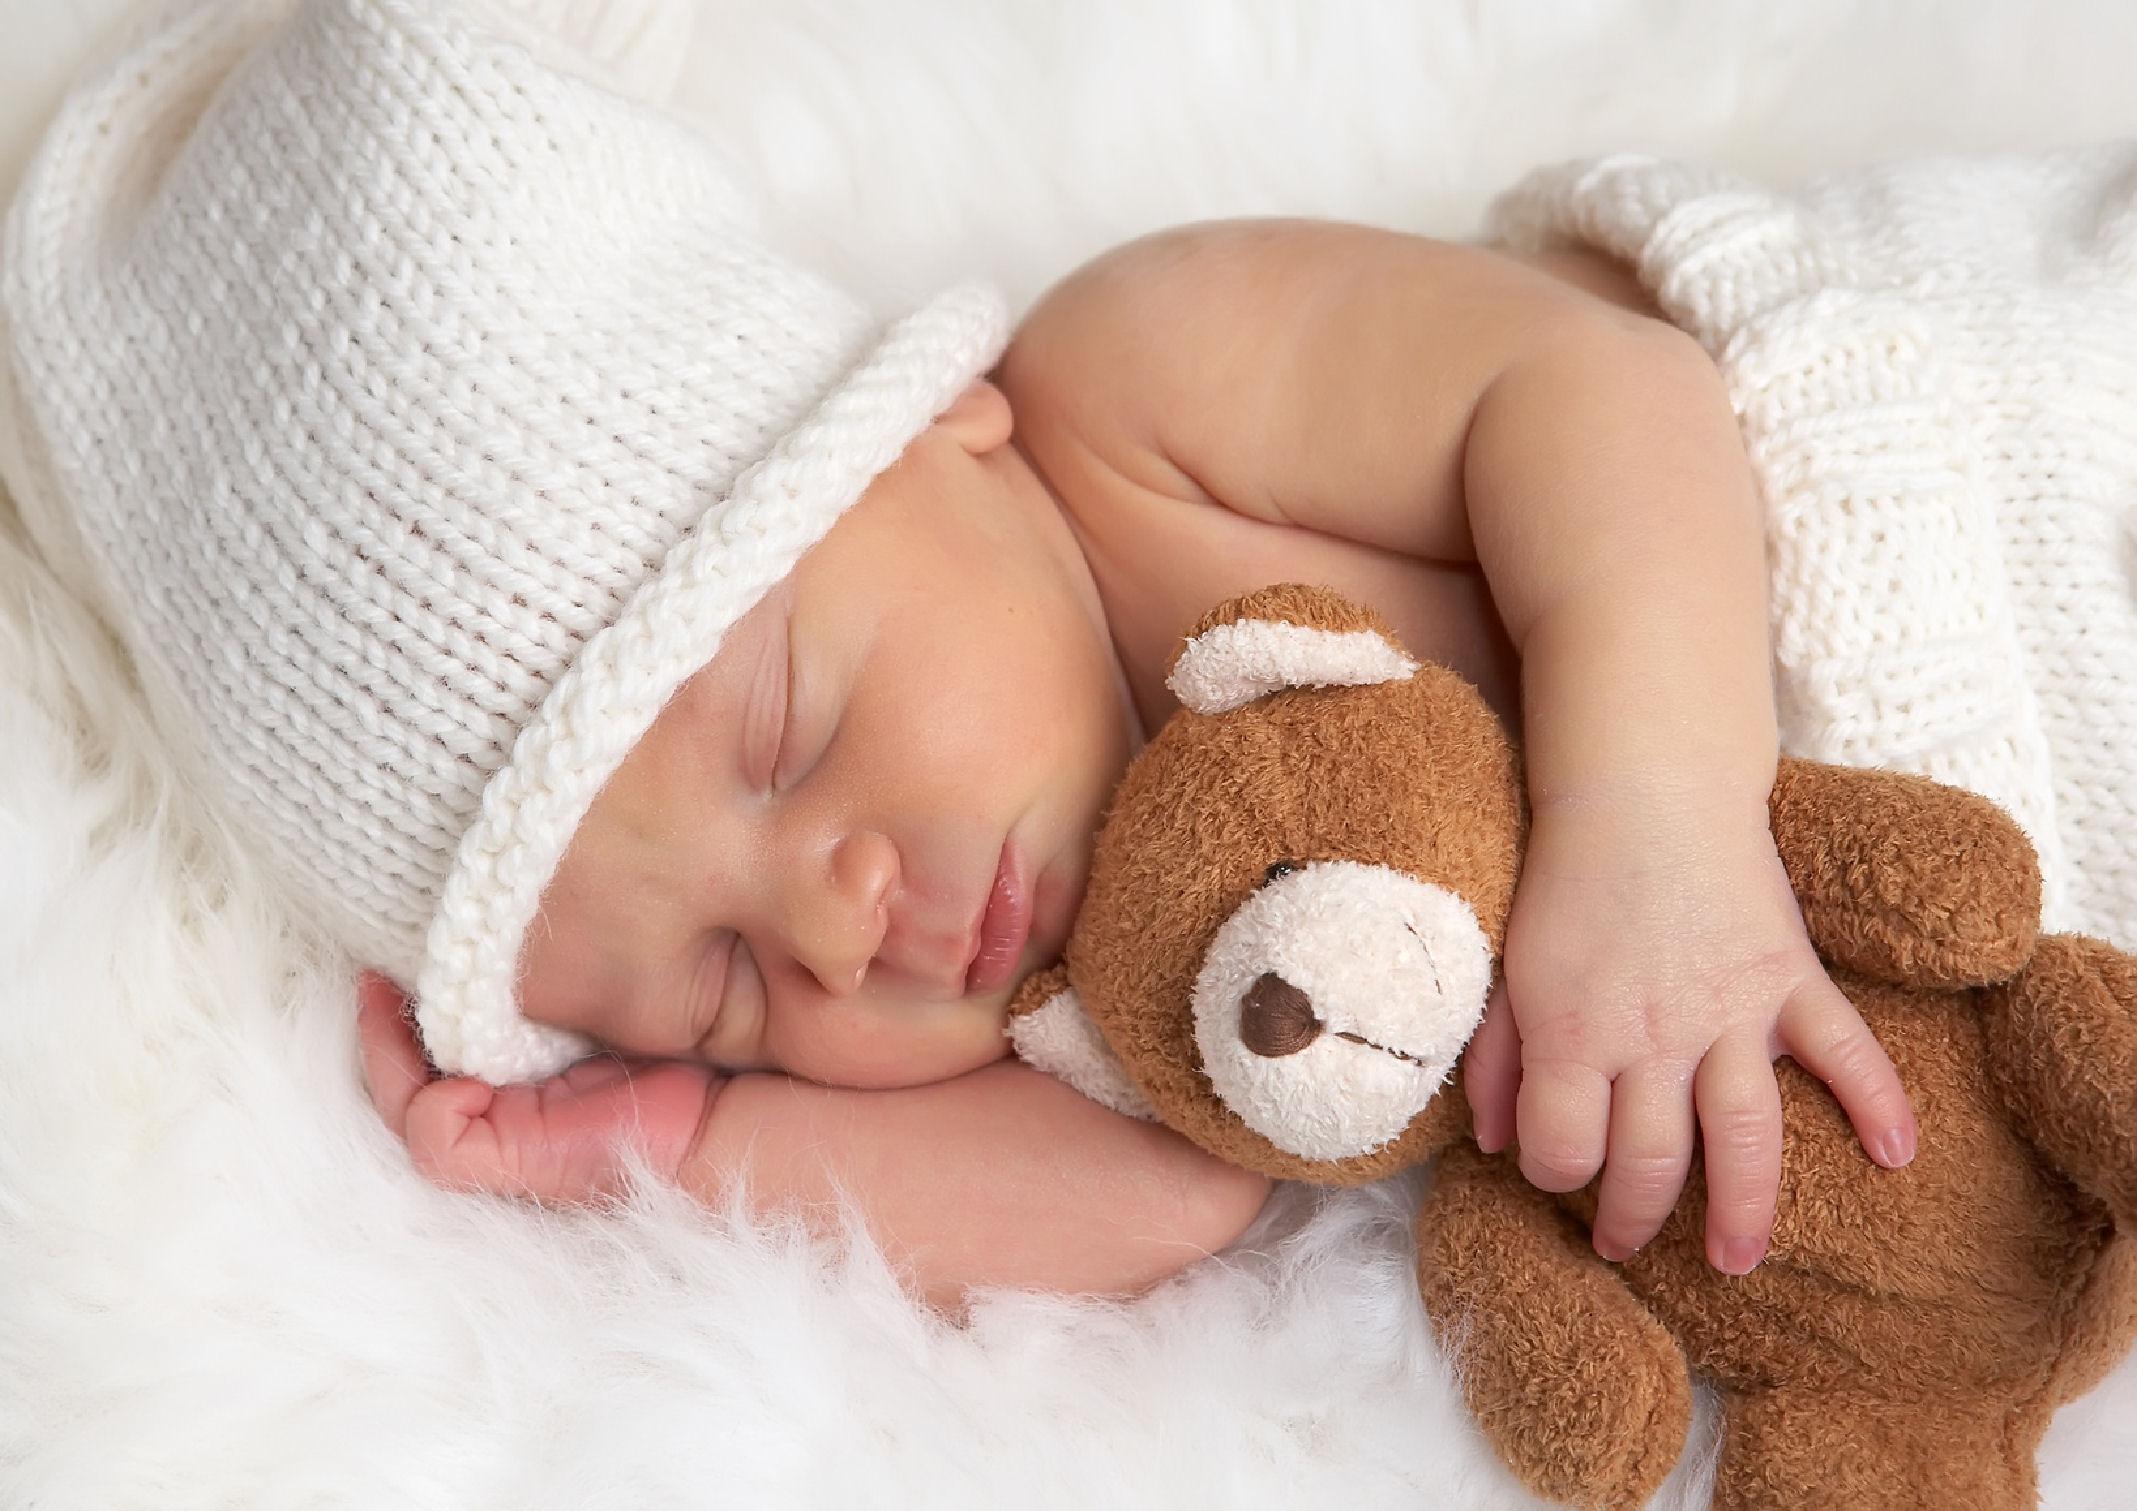 Недосыпание в детстве повышает риск ожирения